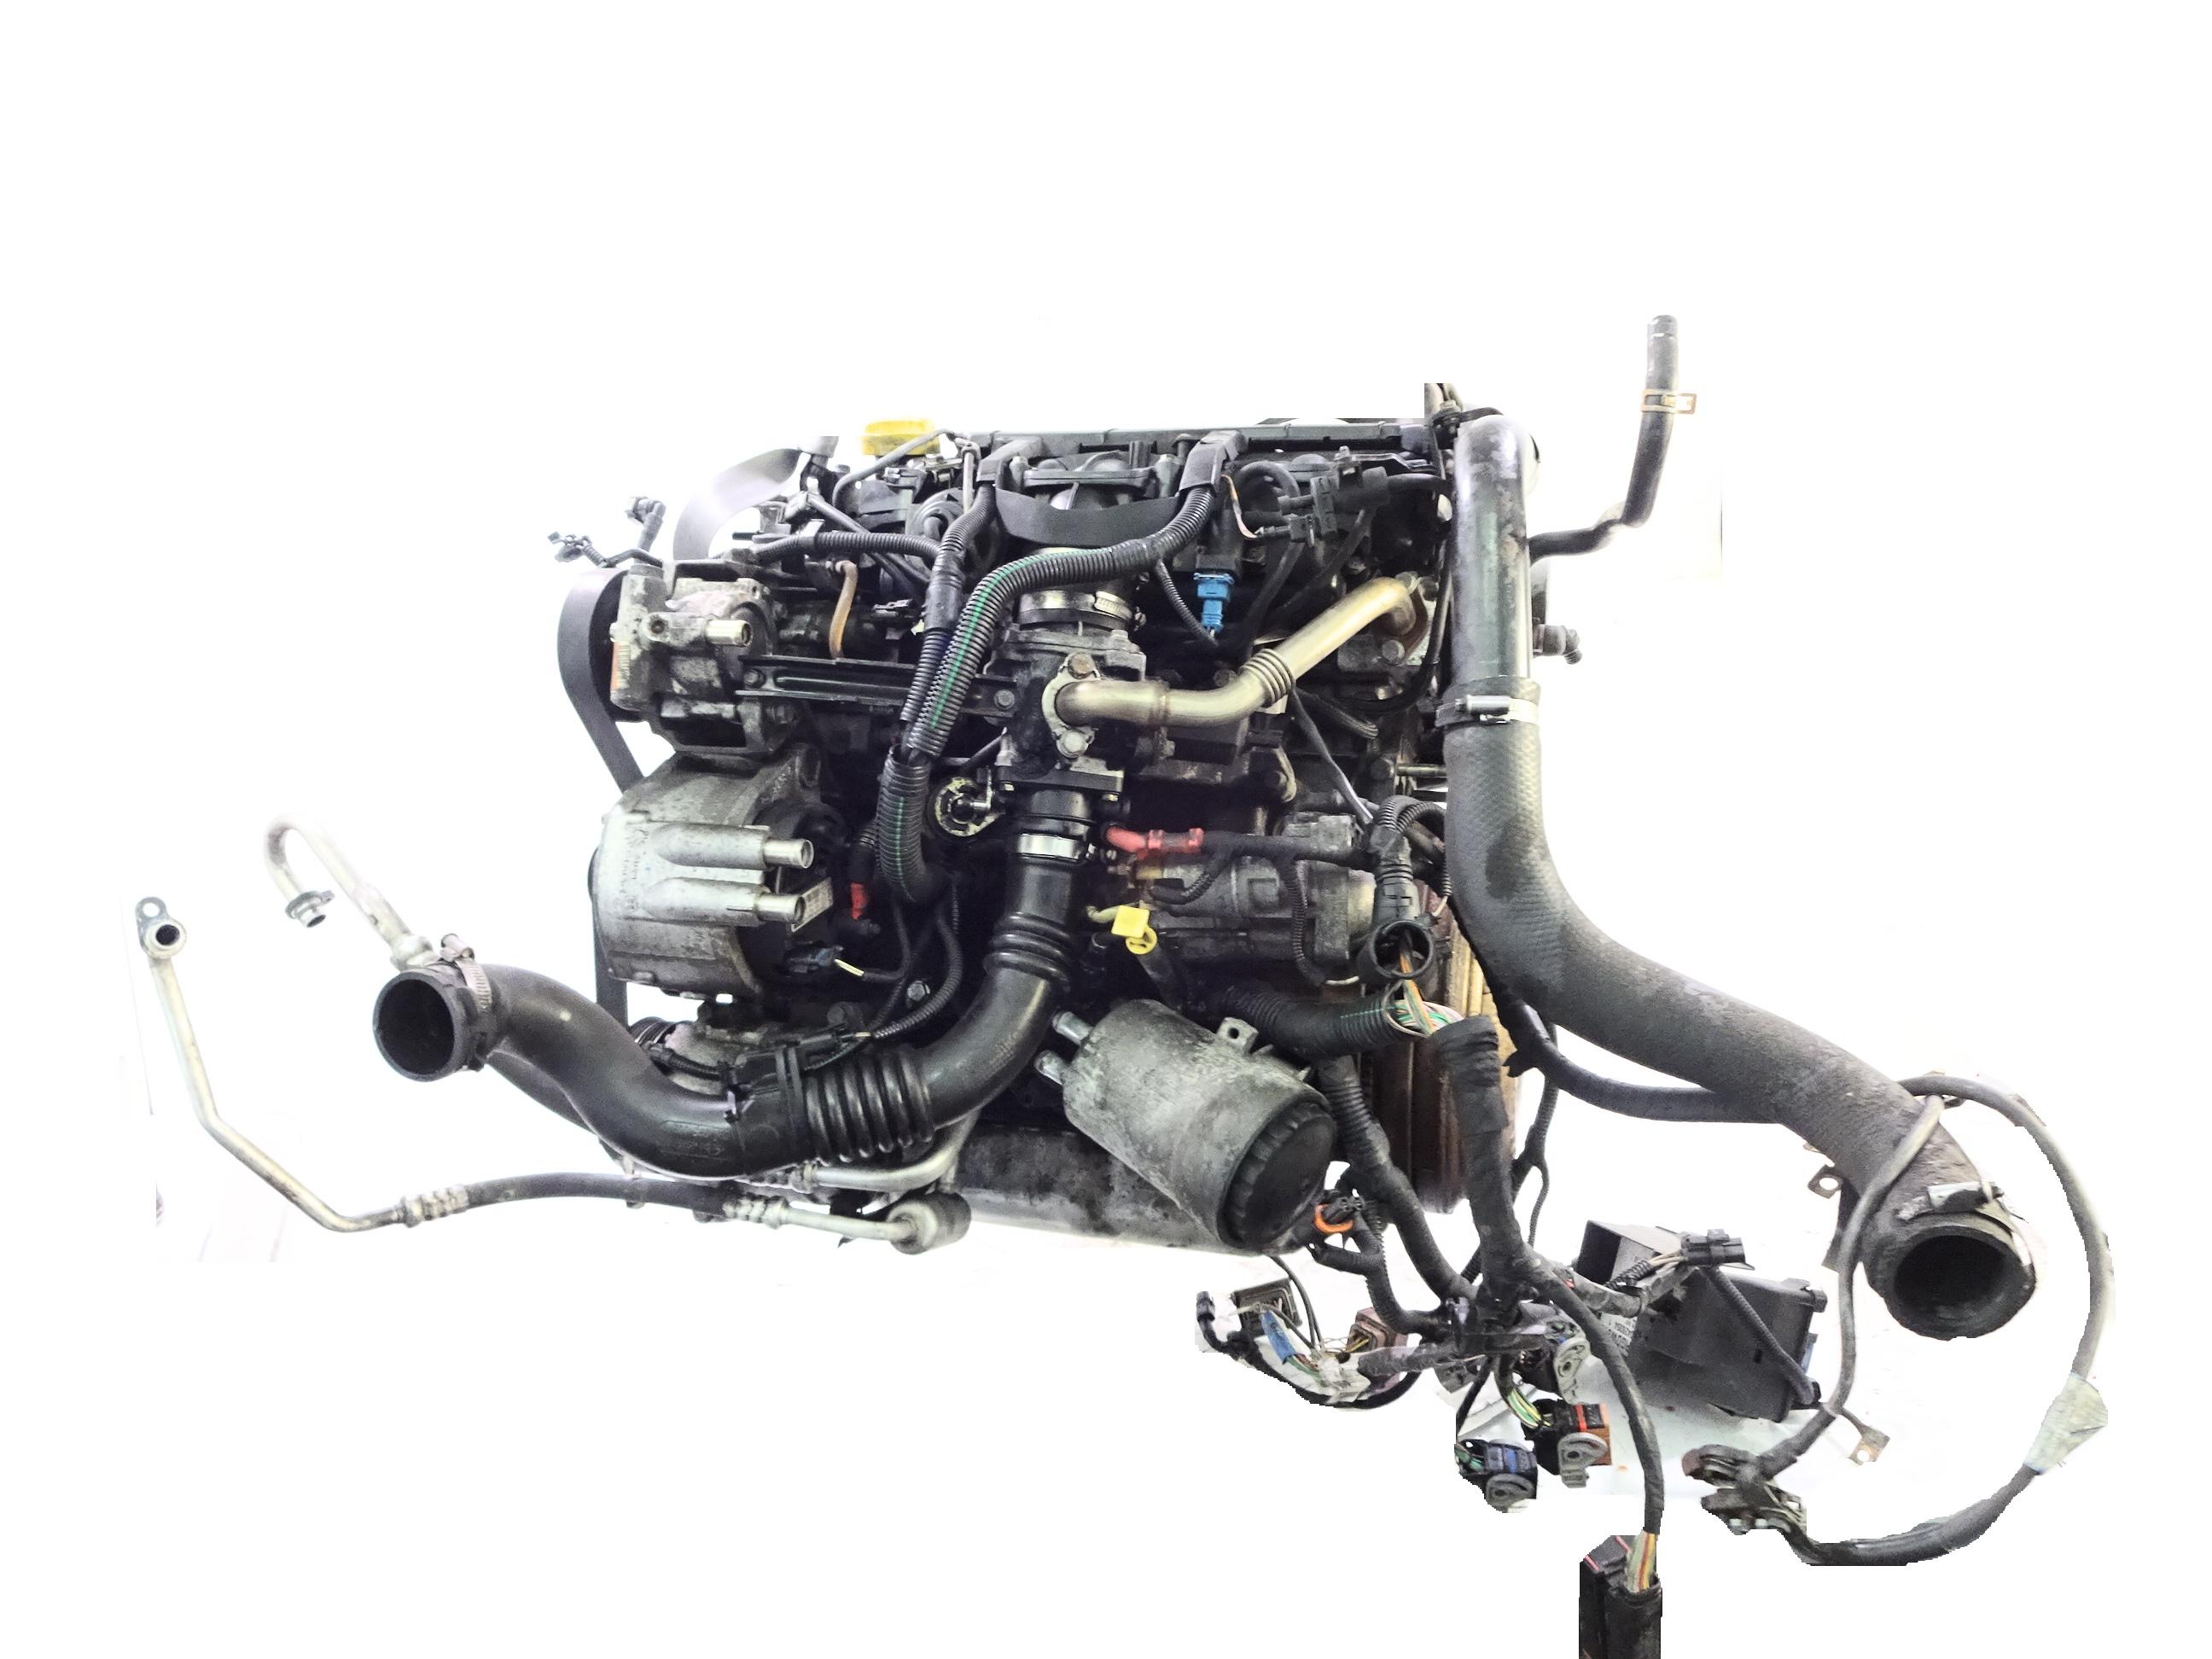 Motor 2005 Renault Espace IV 2,2 dCi Diesel G9T G9T743 mit Anbauteilen